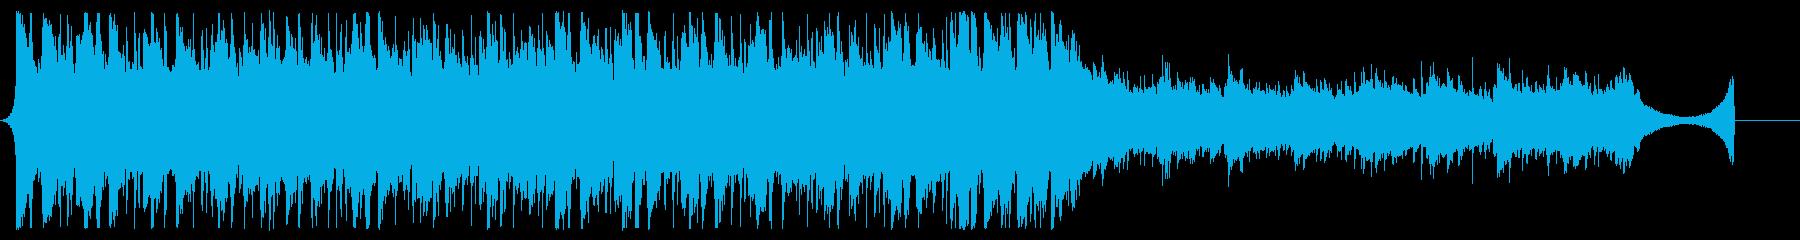 アコギが爽やかなJPOP風BGM60秒の再生済みの波形